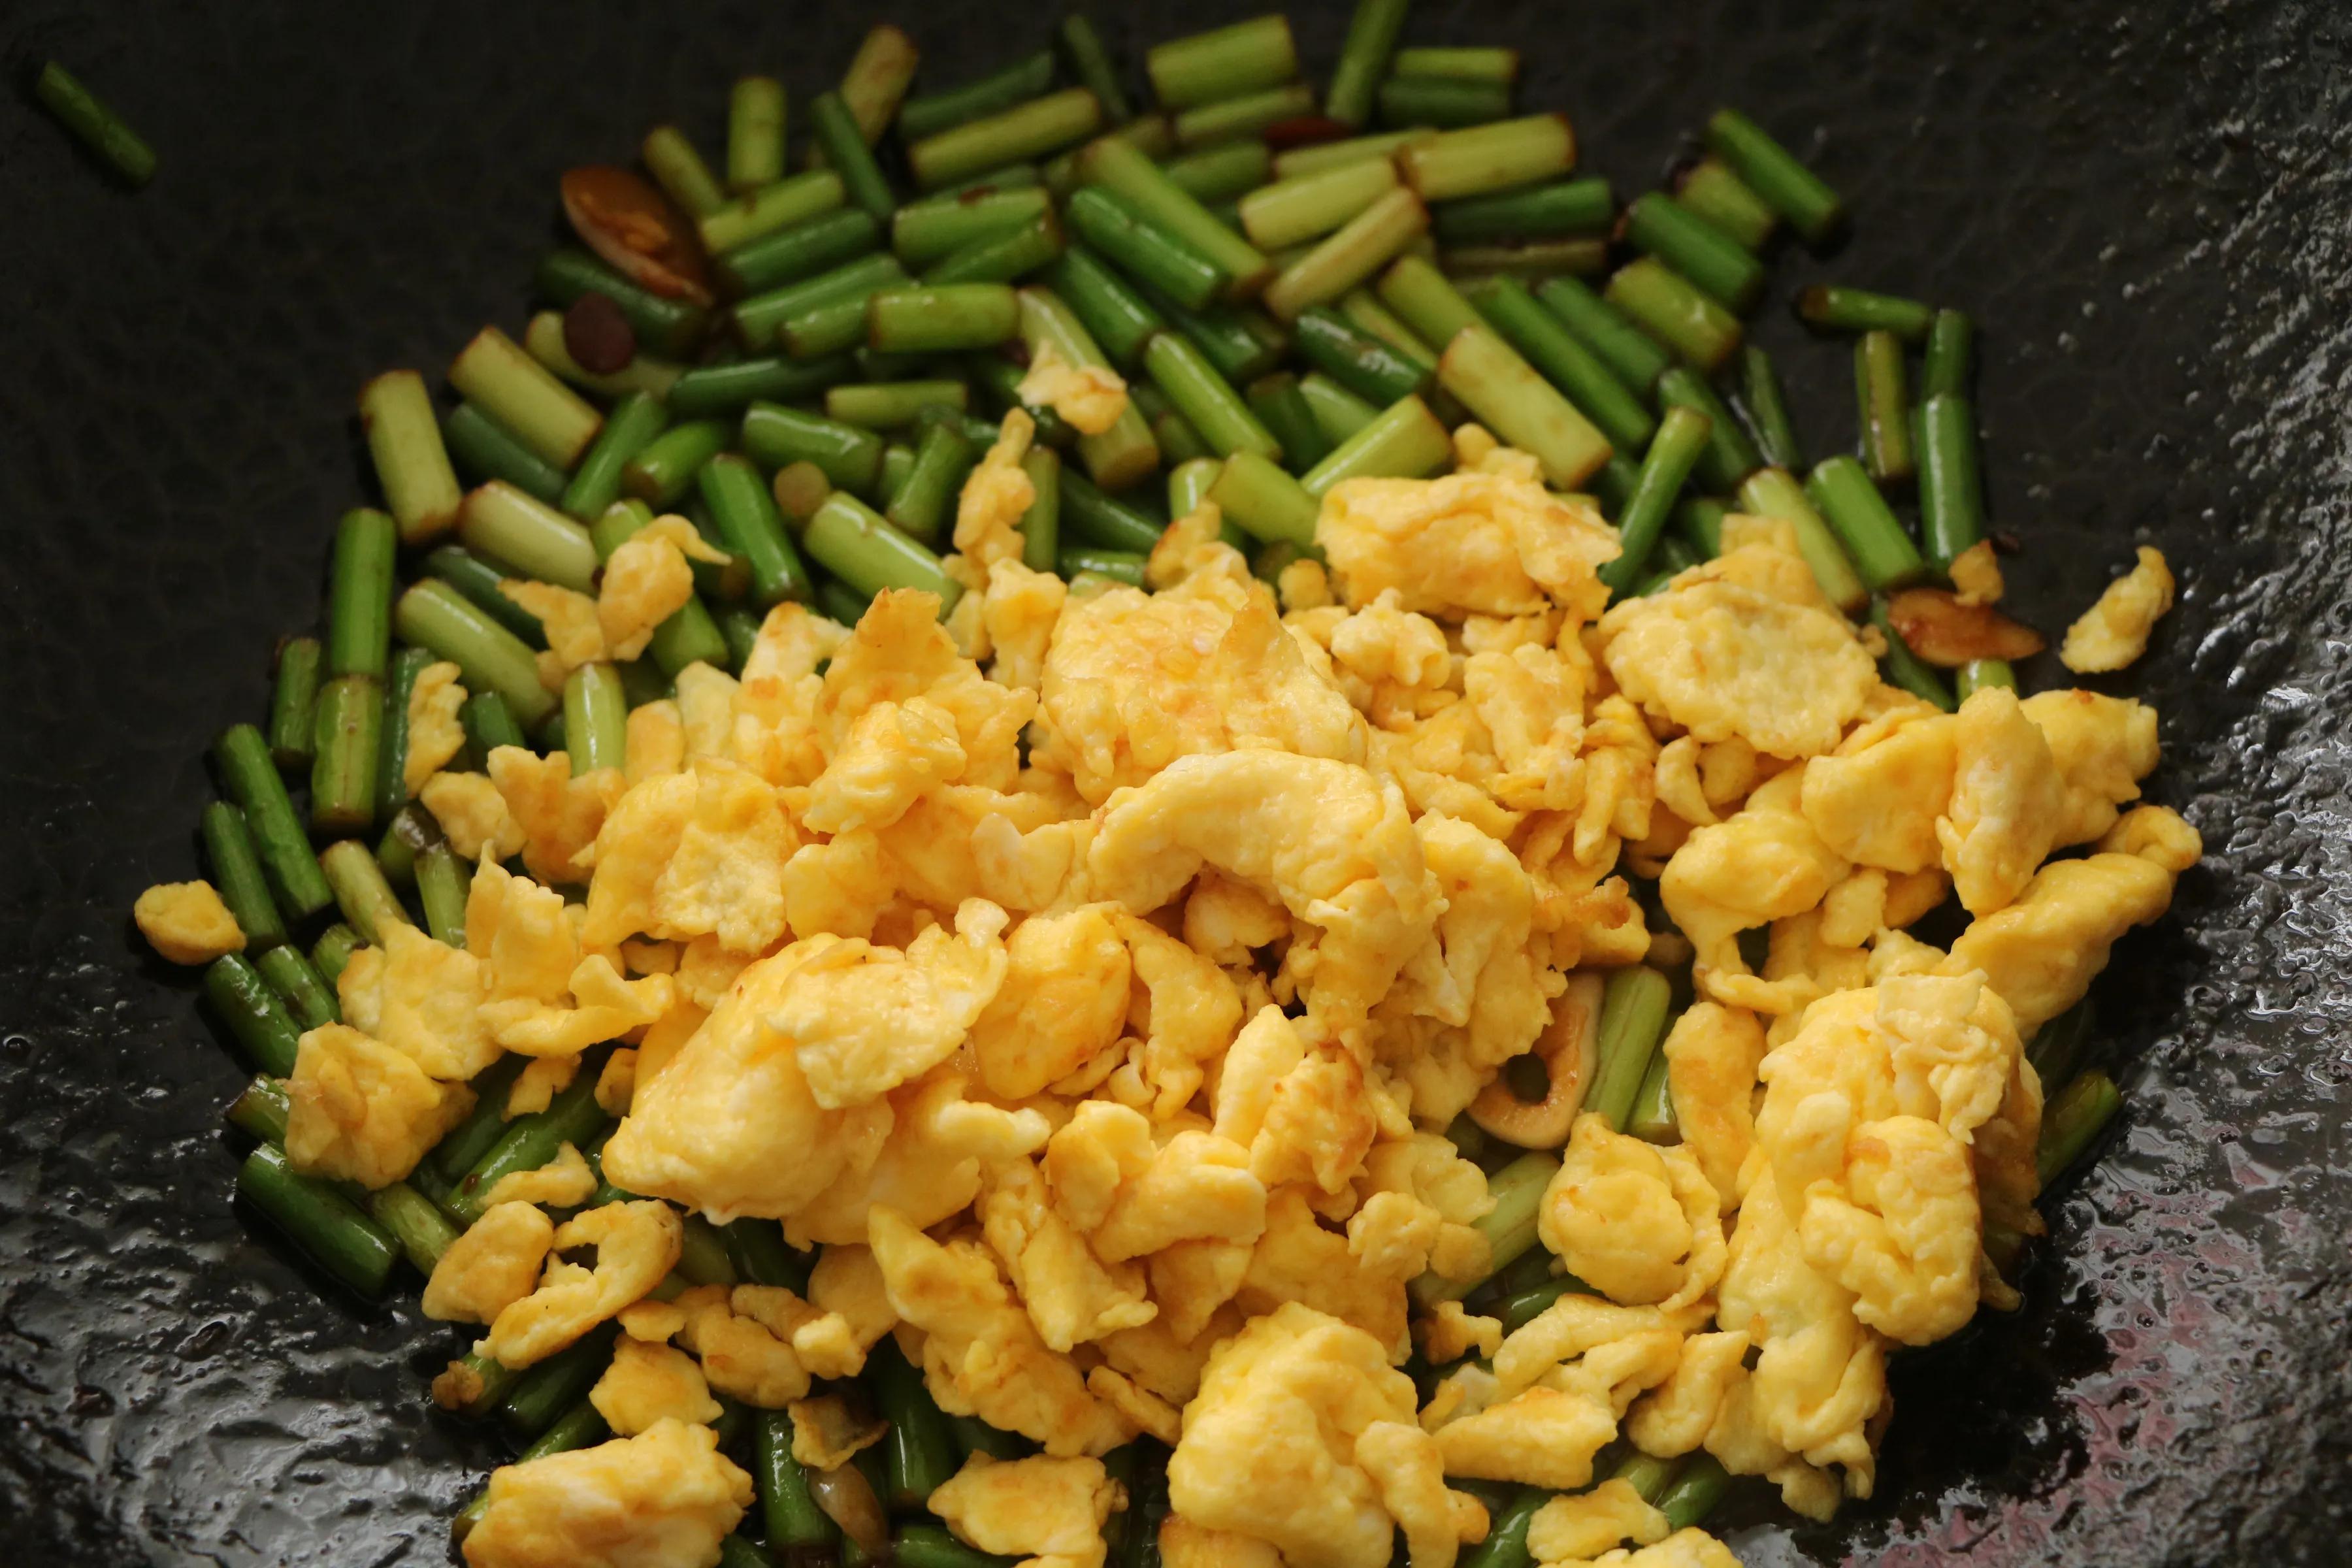 雞蛋和蒜薹的新吃法,醬香美味,鮮嫩好吃,特下飯! 一定要試試